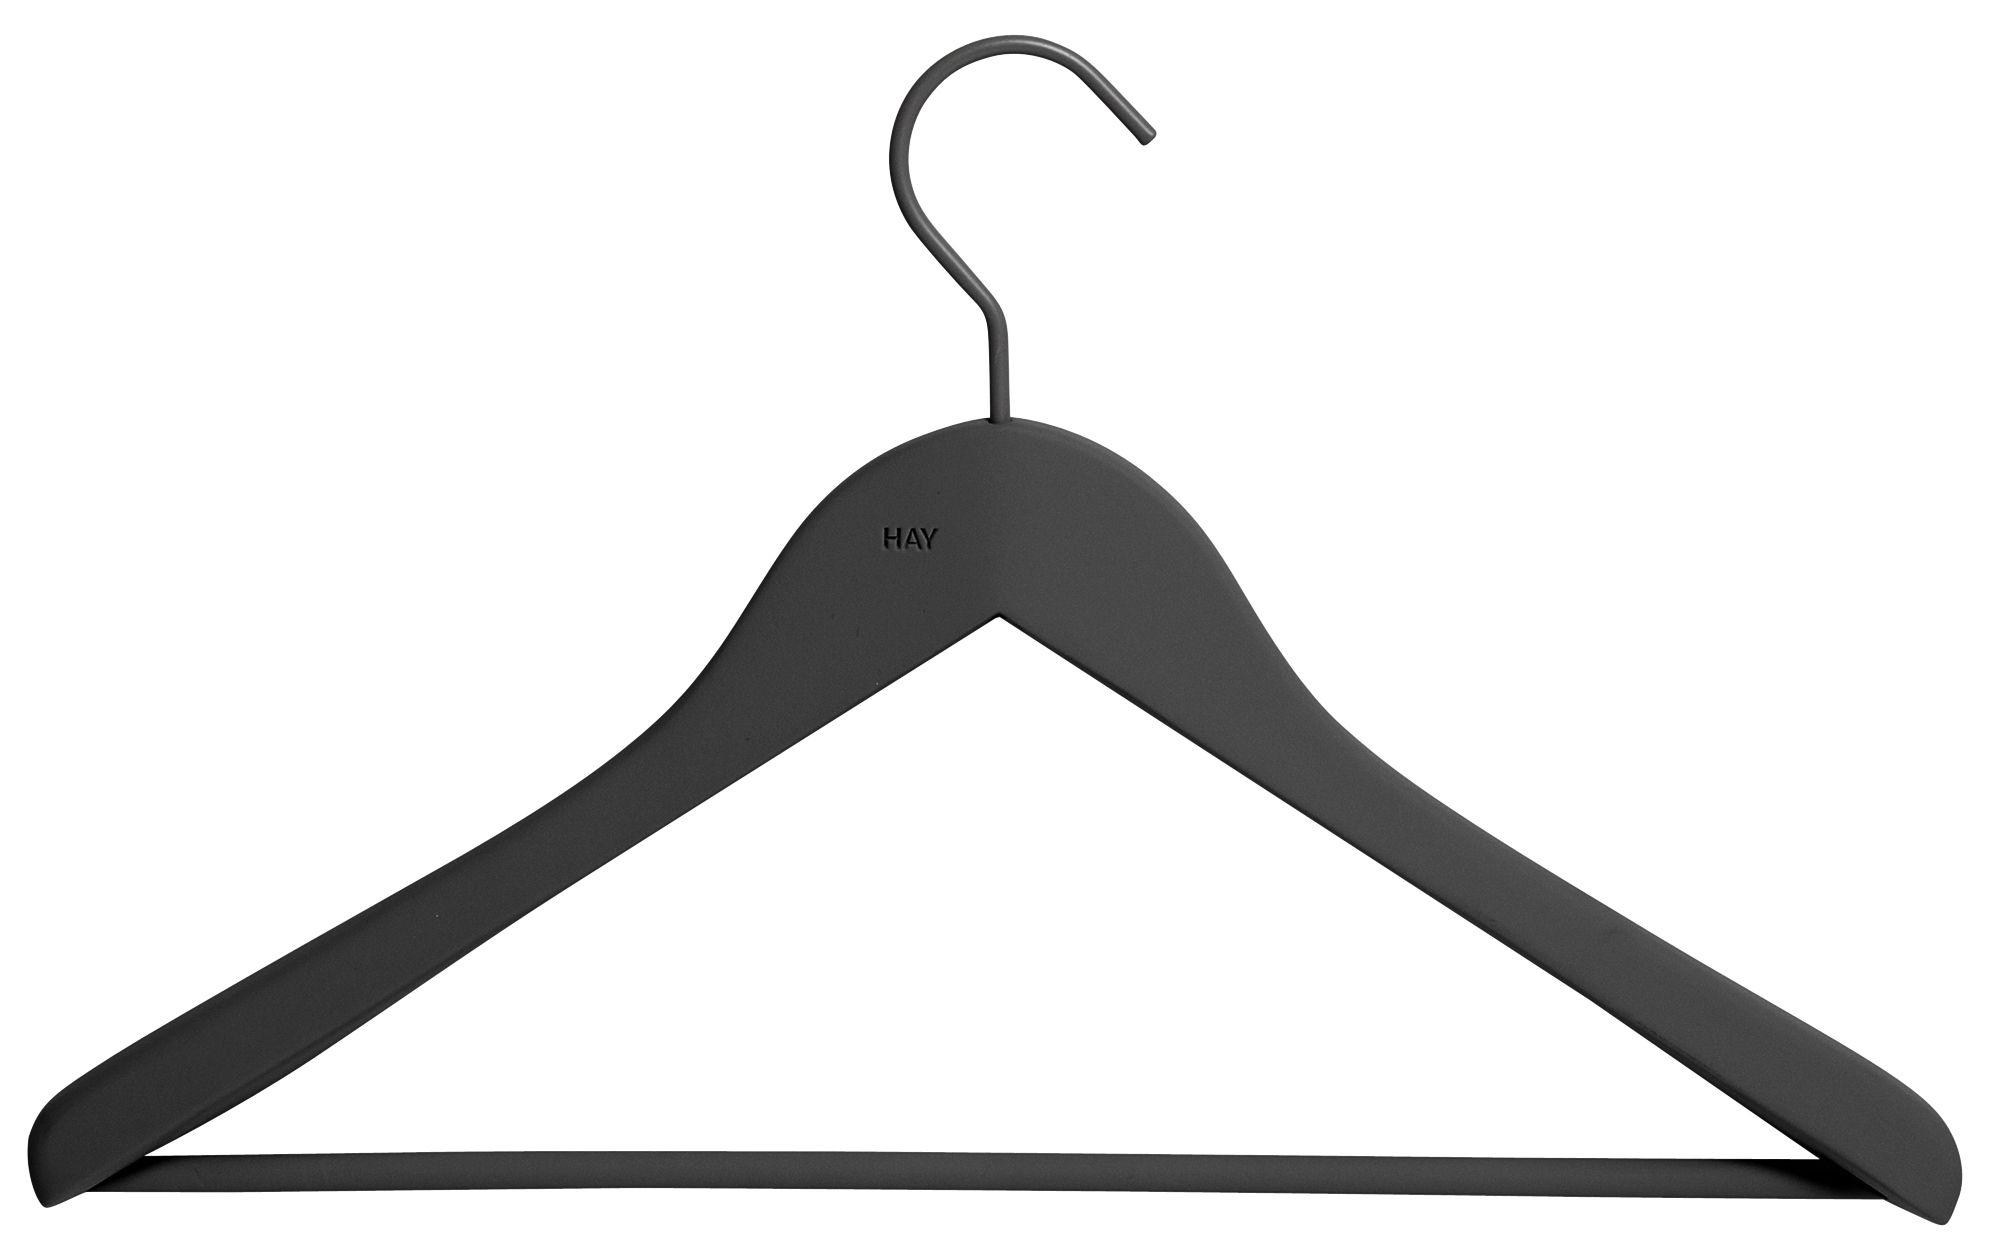 soft coat large mit stange 4er set hay kleiderb gel. Black Bedroom Furniture Sets. Home Design Ideas